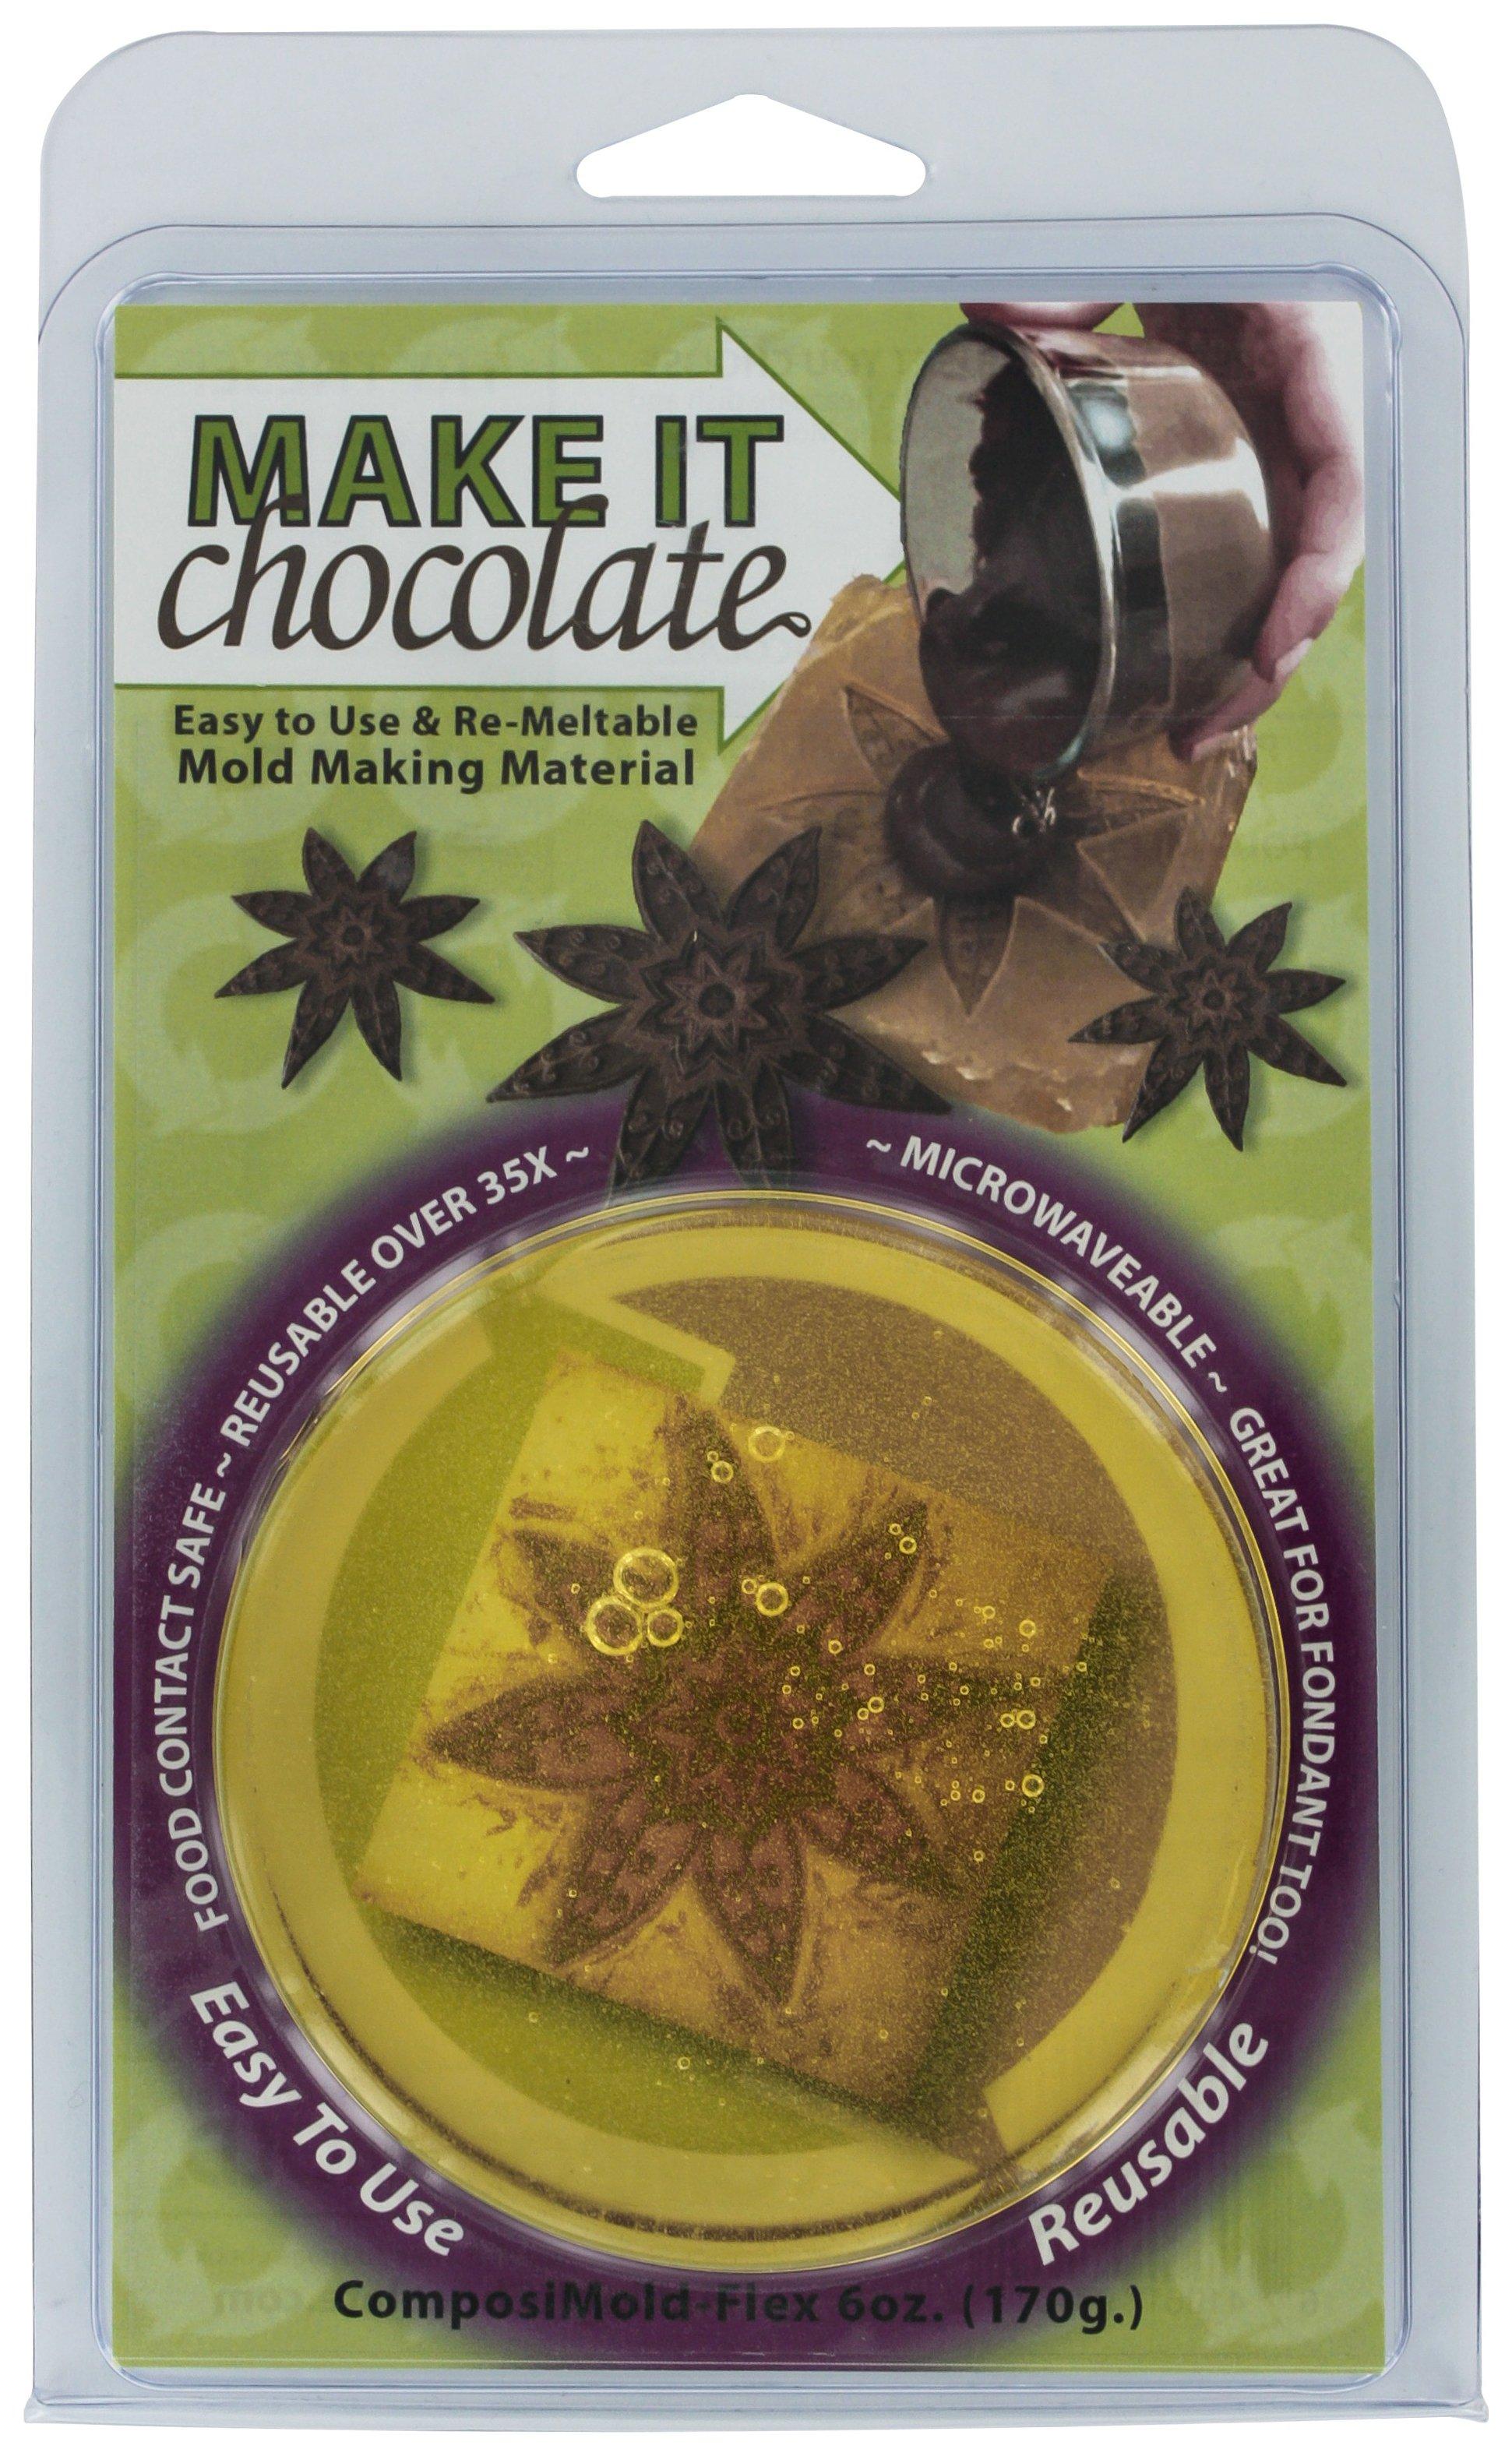 Image of Composi-Mold Make it Chocolate and Fondant Mold.